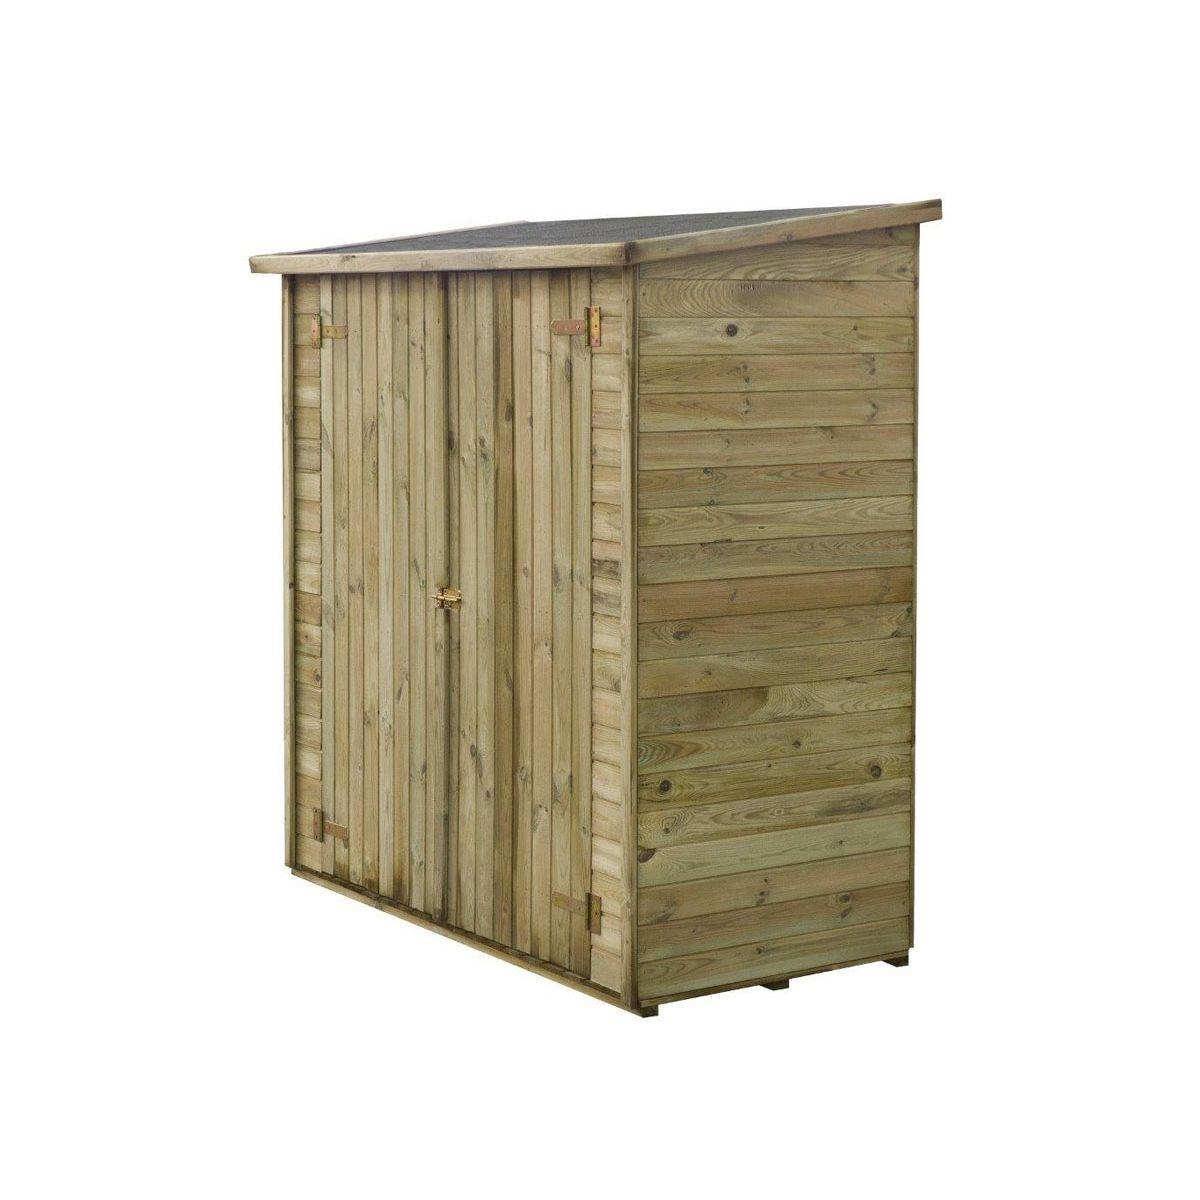 """Abri jardin bois adossable """"Lipki """" - 1.79 x 0.90 x 1.76/1.86 m  - 1.62 m² - 12 mm - Avec plancher"""